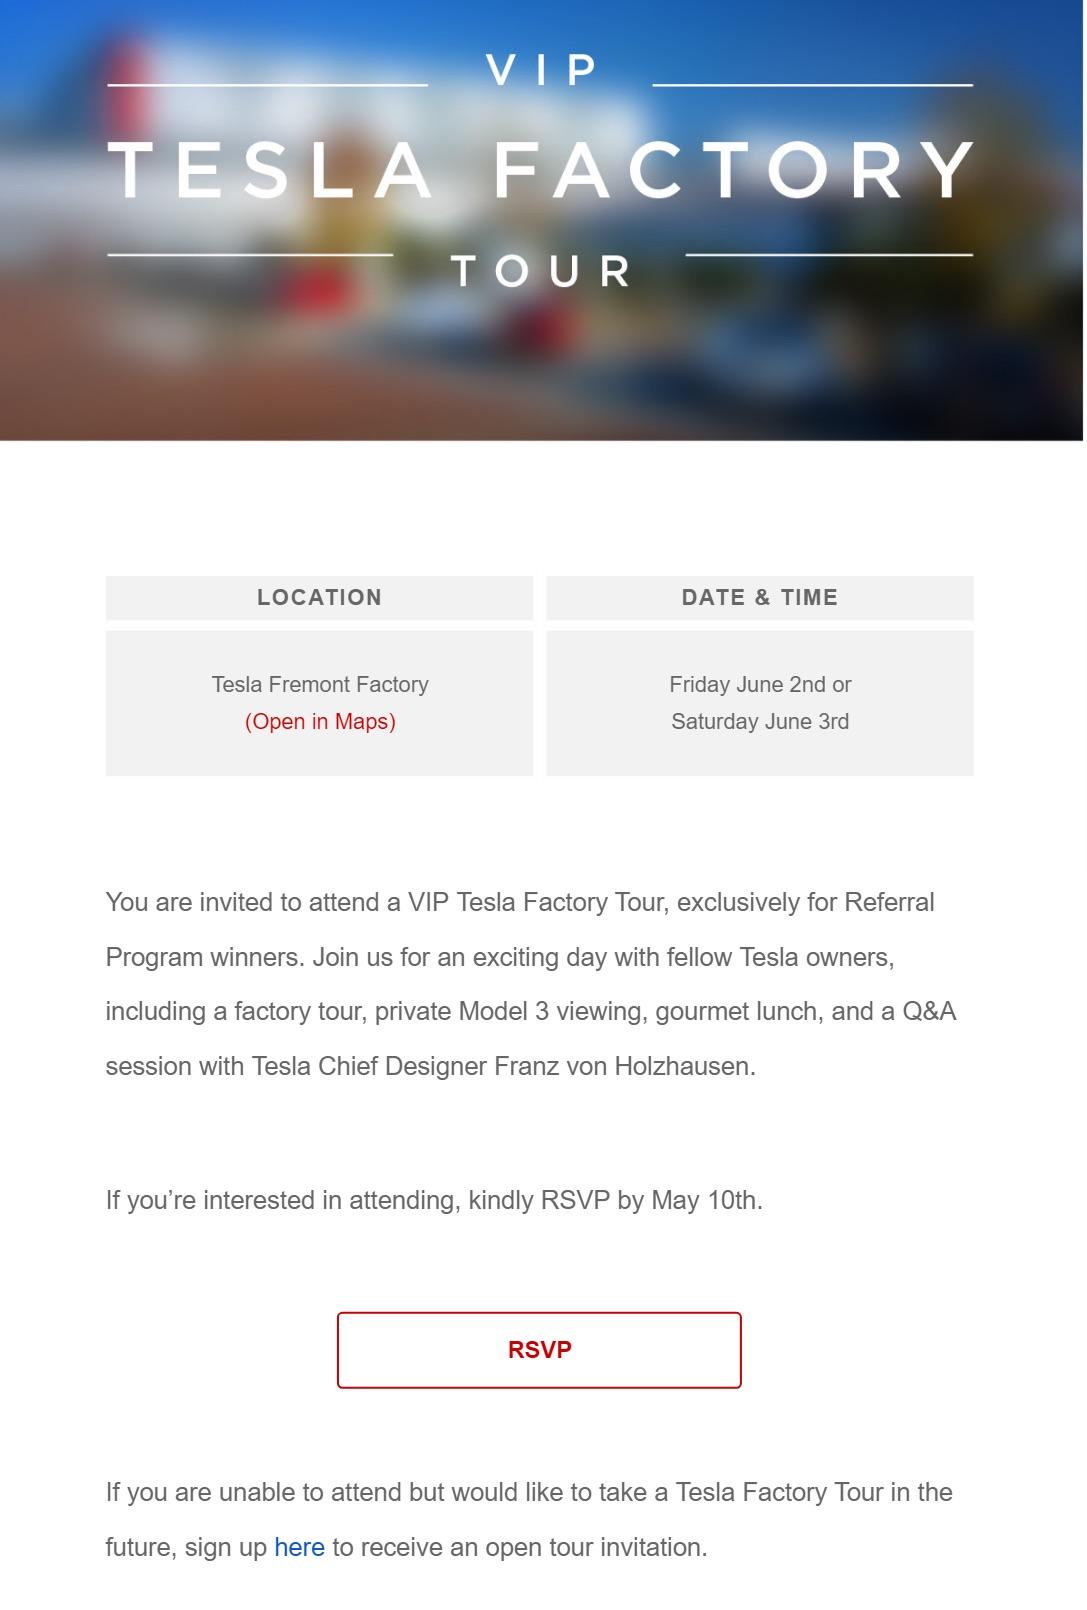 tesla-invite-vip-tour-private-model-3-viewing